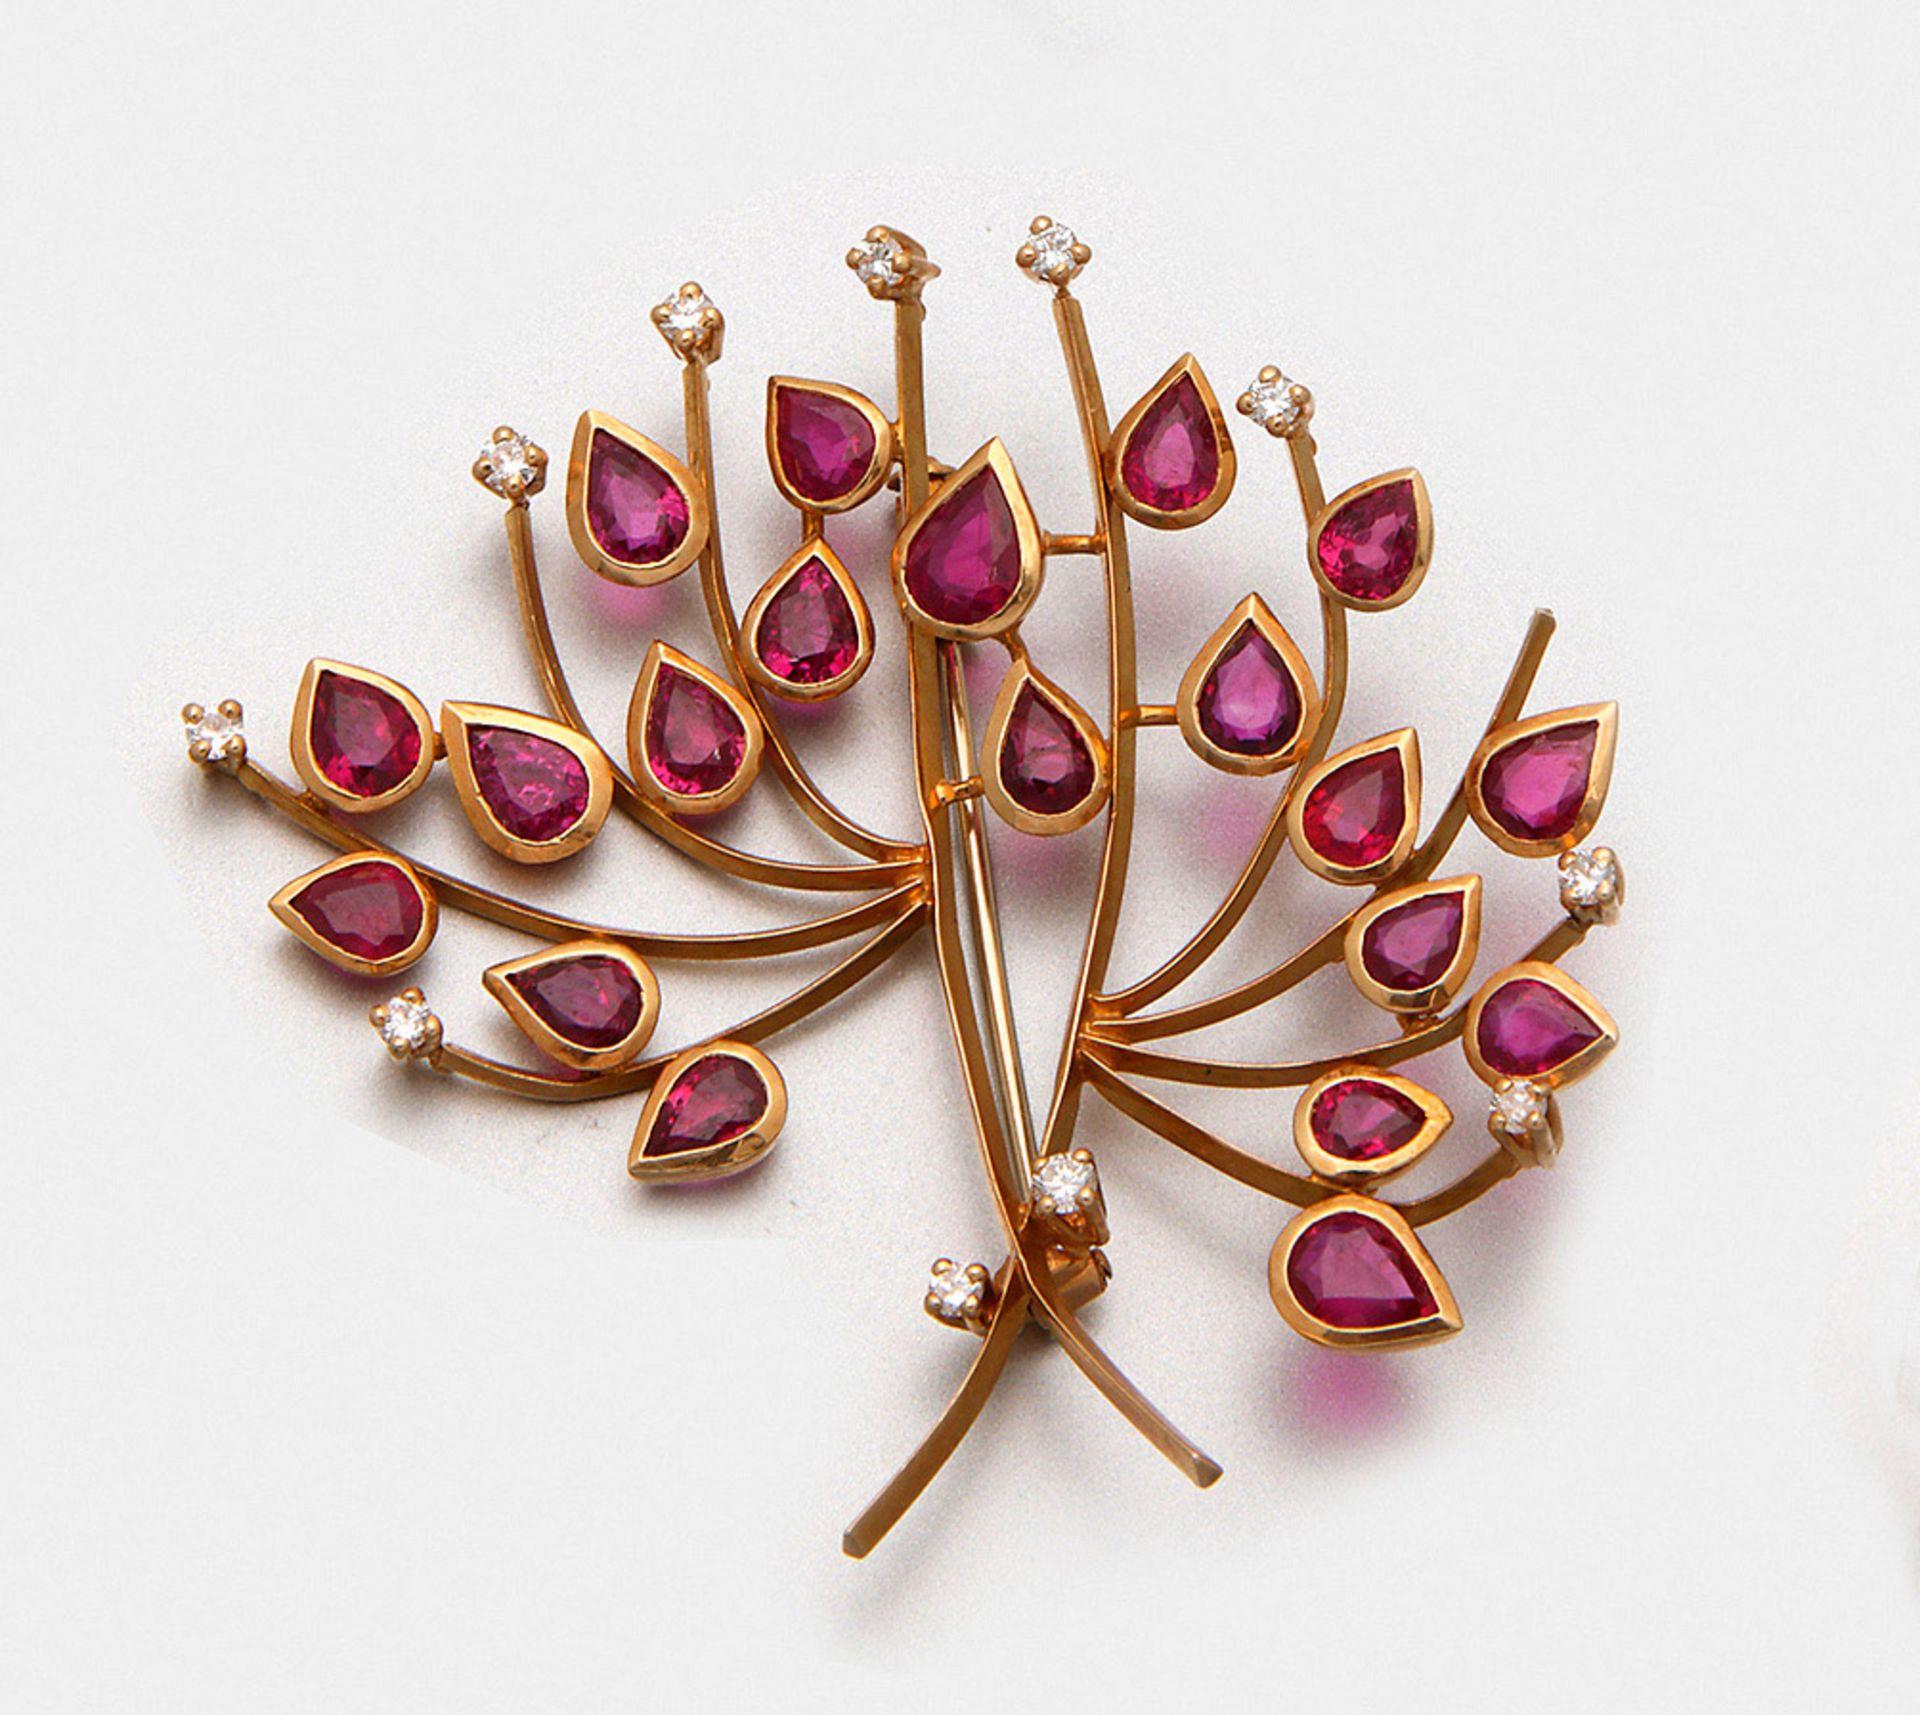 Dekorative Rubin-Brosche